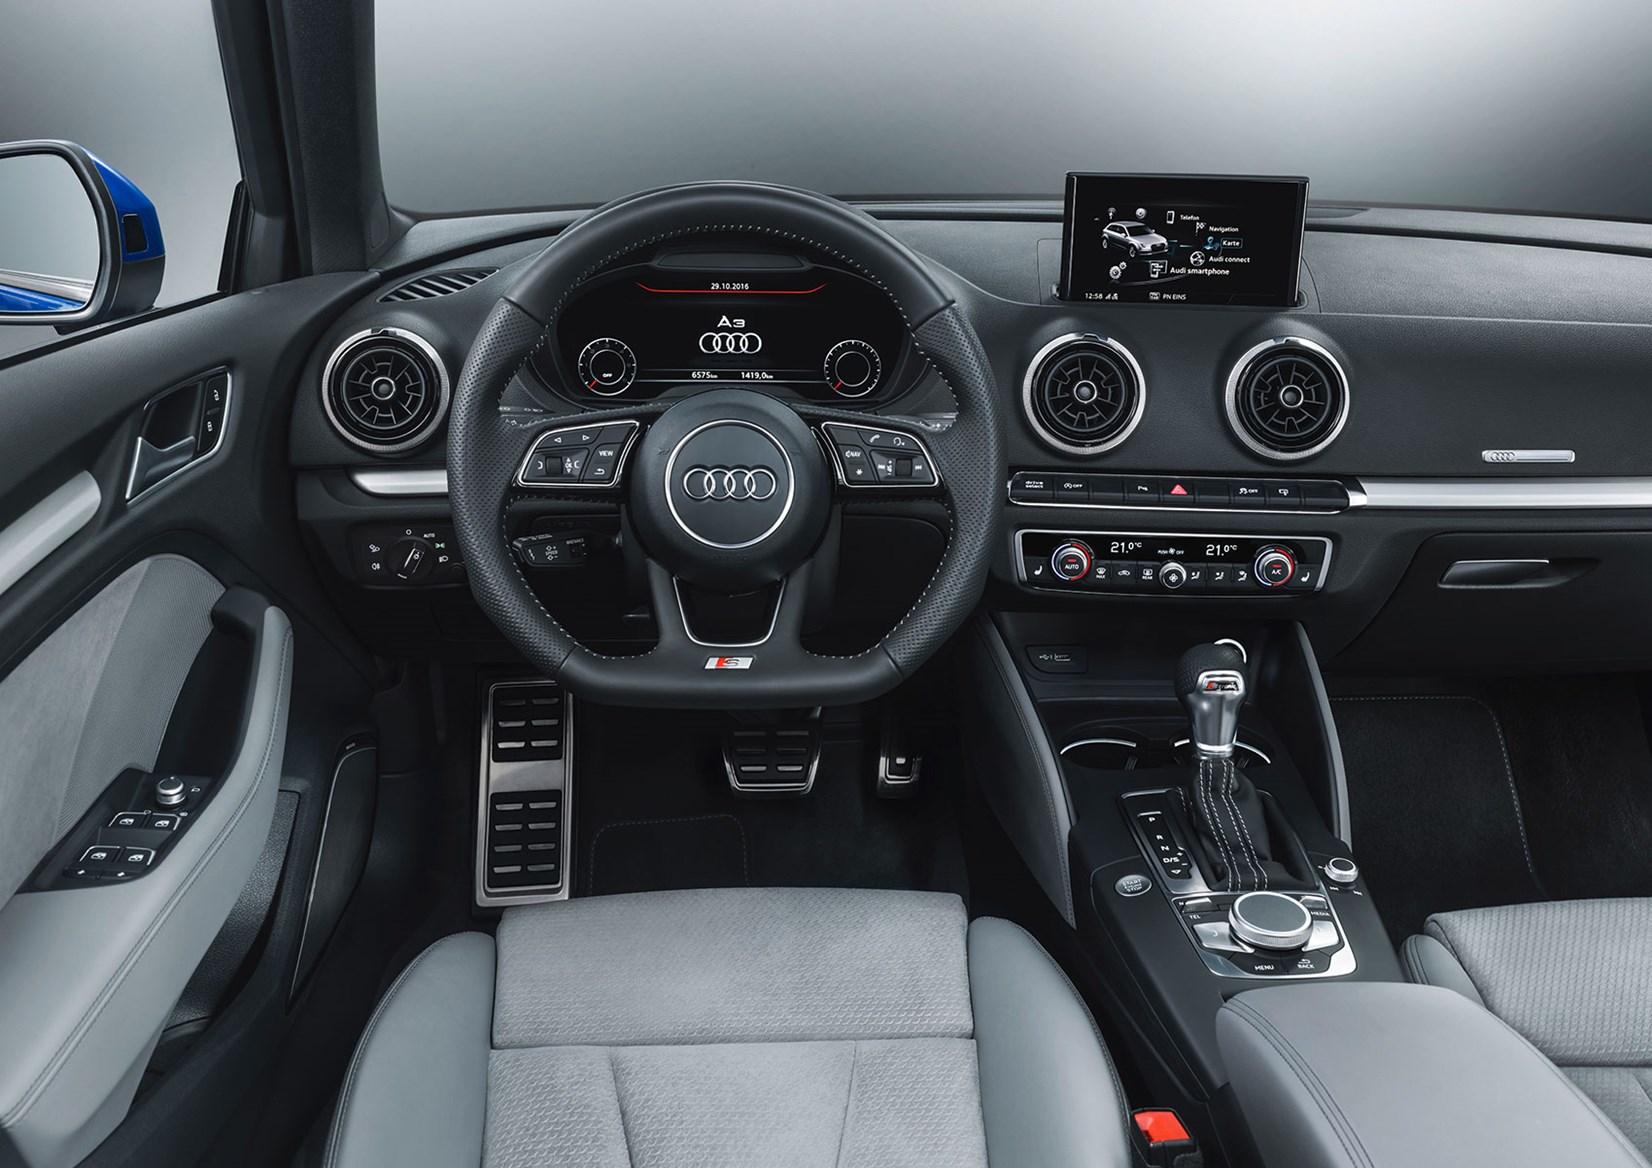 audi a3 s line: should you choose this trim? | parkers